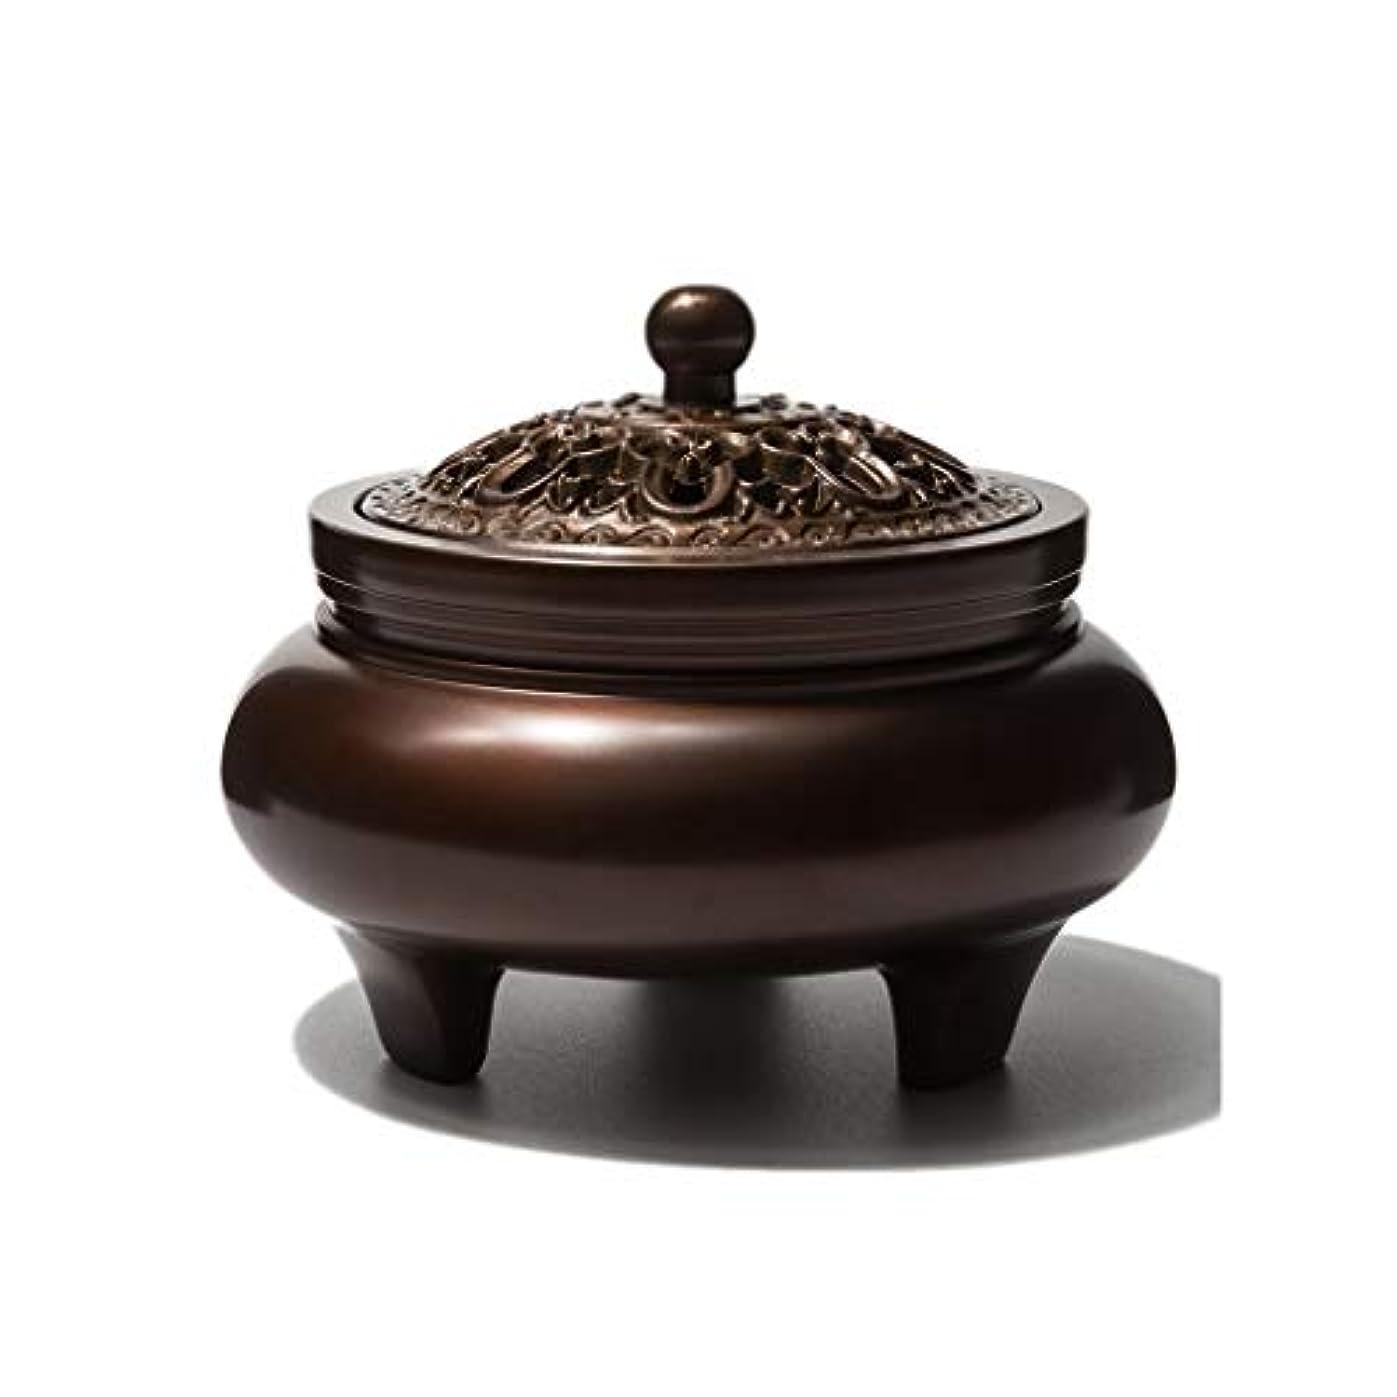 凍った控えめなオーディションホームアロマバーナー 銅香バーナーアロマテラピーホルダー純粋な銅茶道白檀炉屋内香バーナーレトロノスタルジア11.5センチ* 7.8センチ* 9センチ アロマバーナー